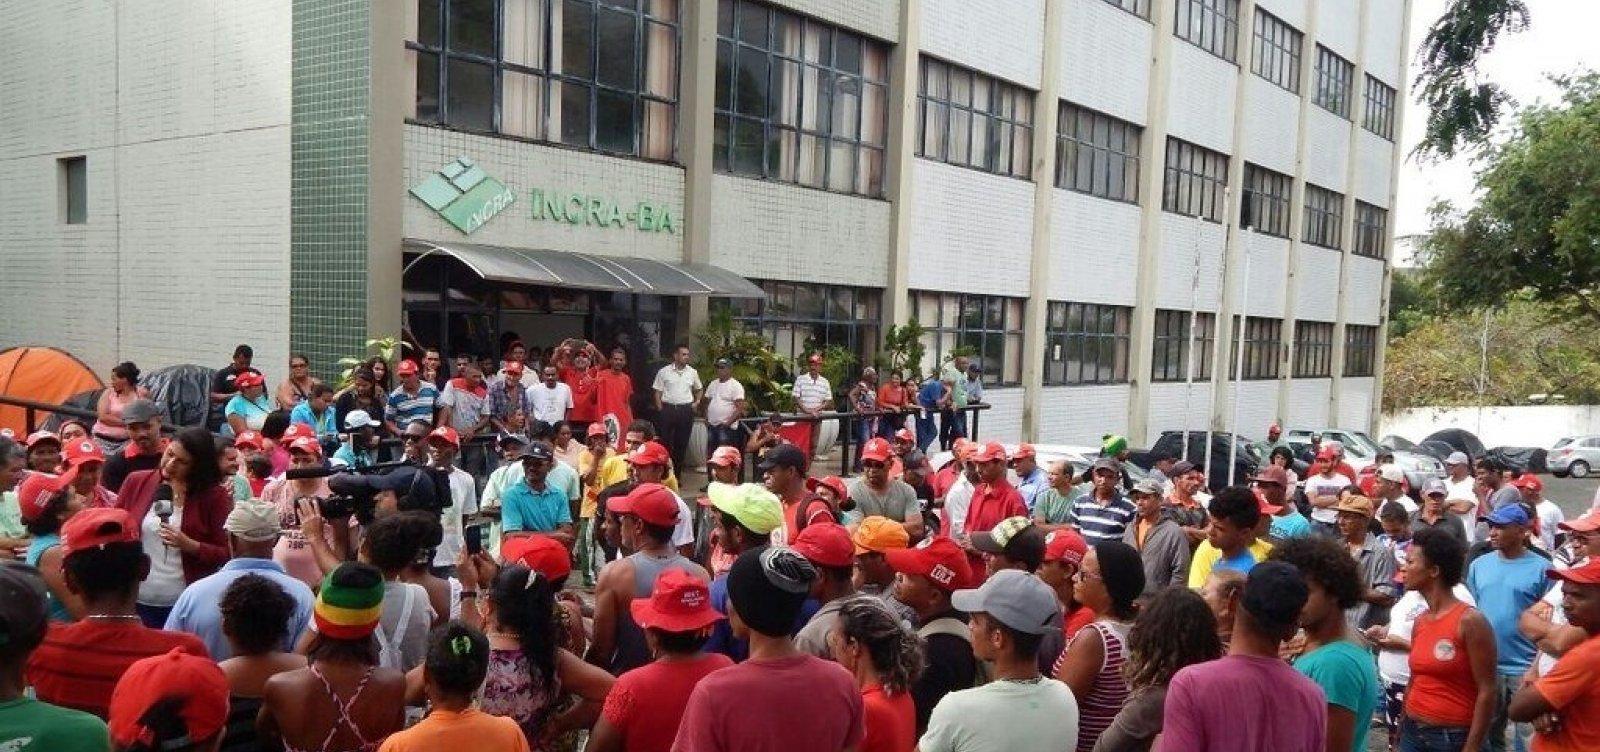 Governo Bolsonaro orienta retirada de manifestantes de prédio público sem ordem judicial